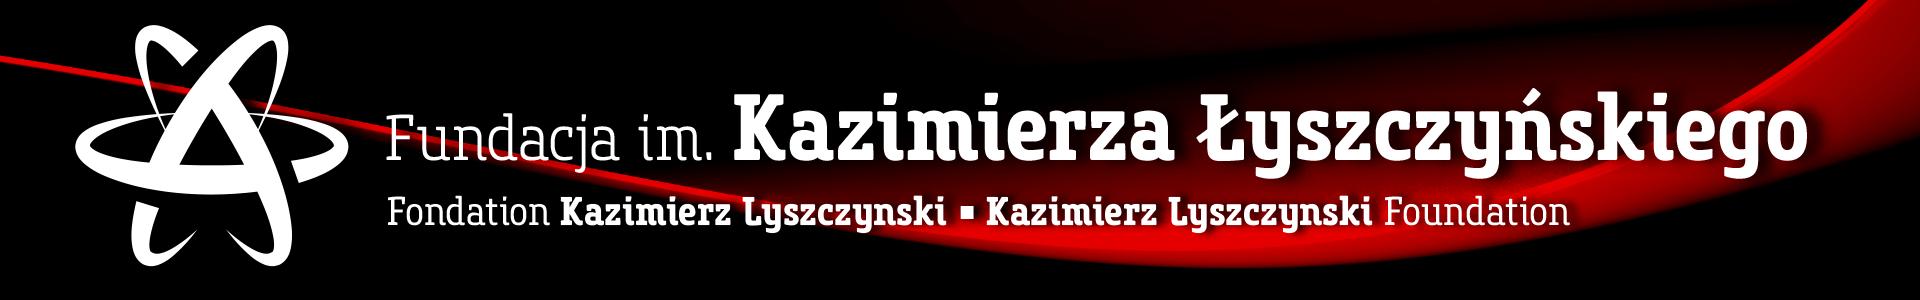 Fundacja im. Kazimierza Łyszczyńskiego – Ateizm, Racjonalizm, Świeckość